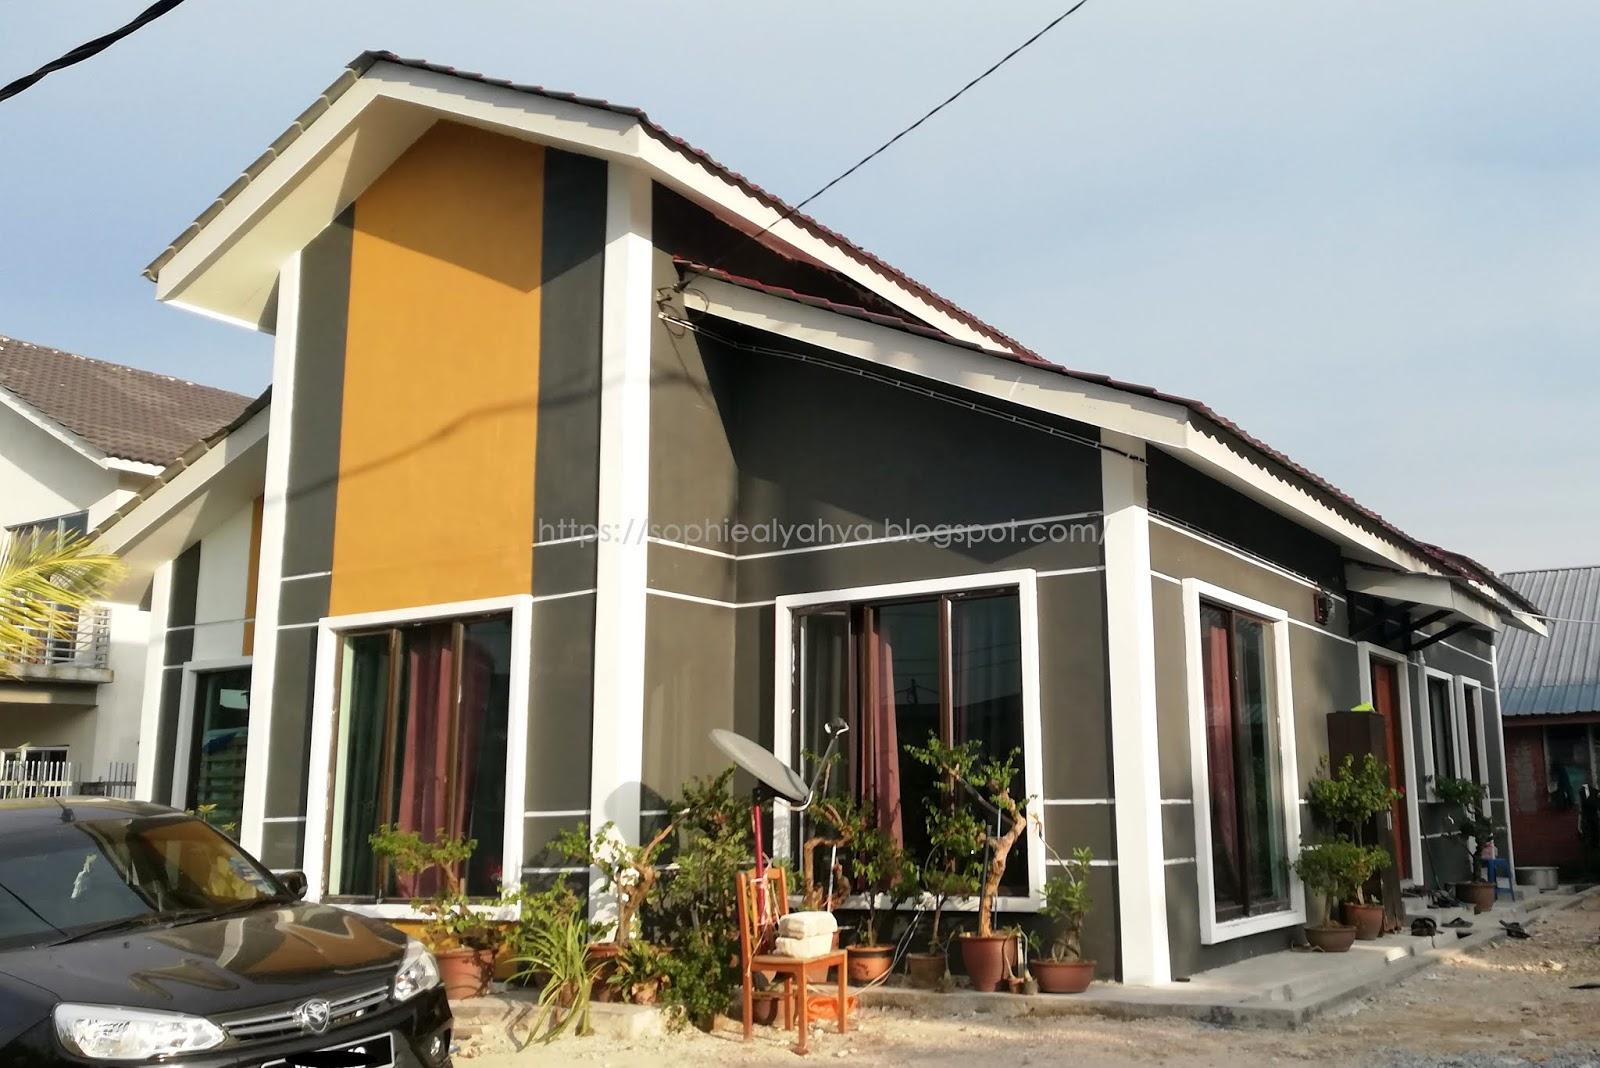 Sophie Al Yahya Rumah Banglo Bawah Rm200 000